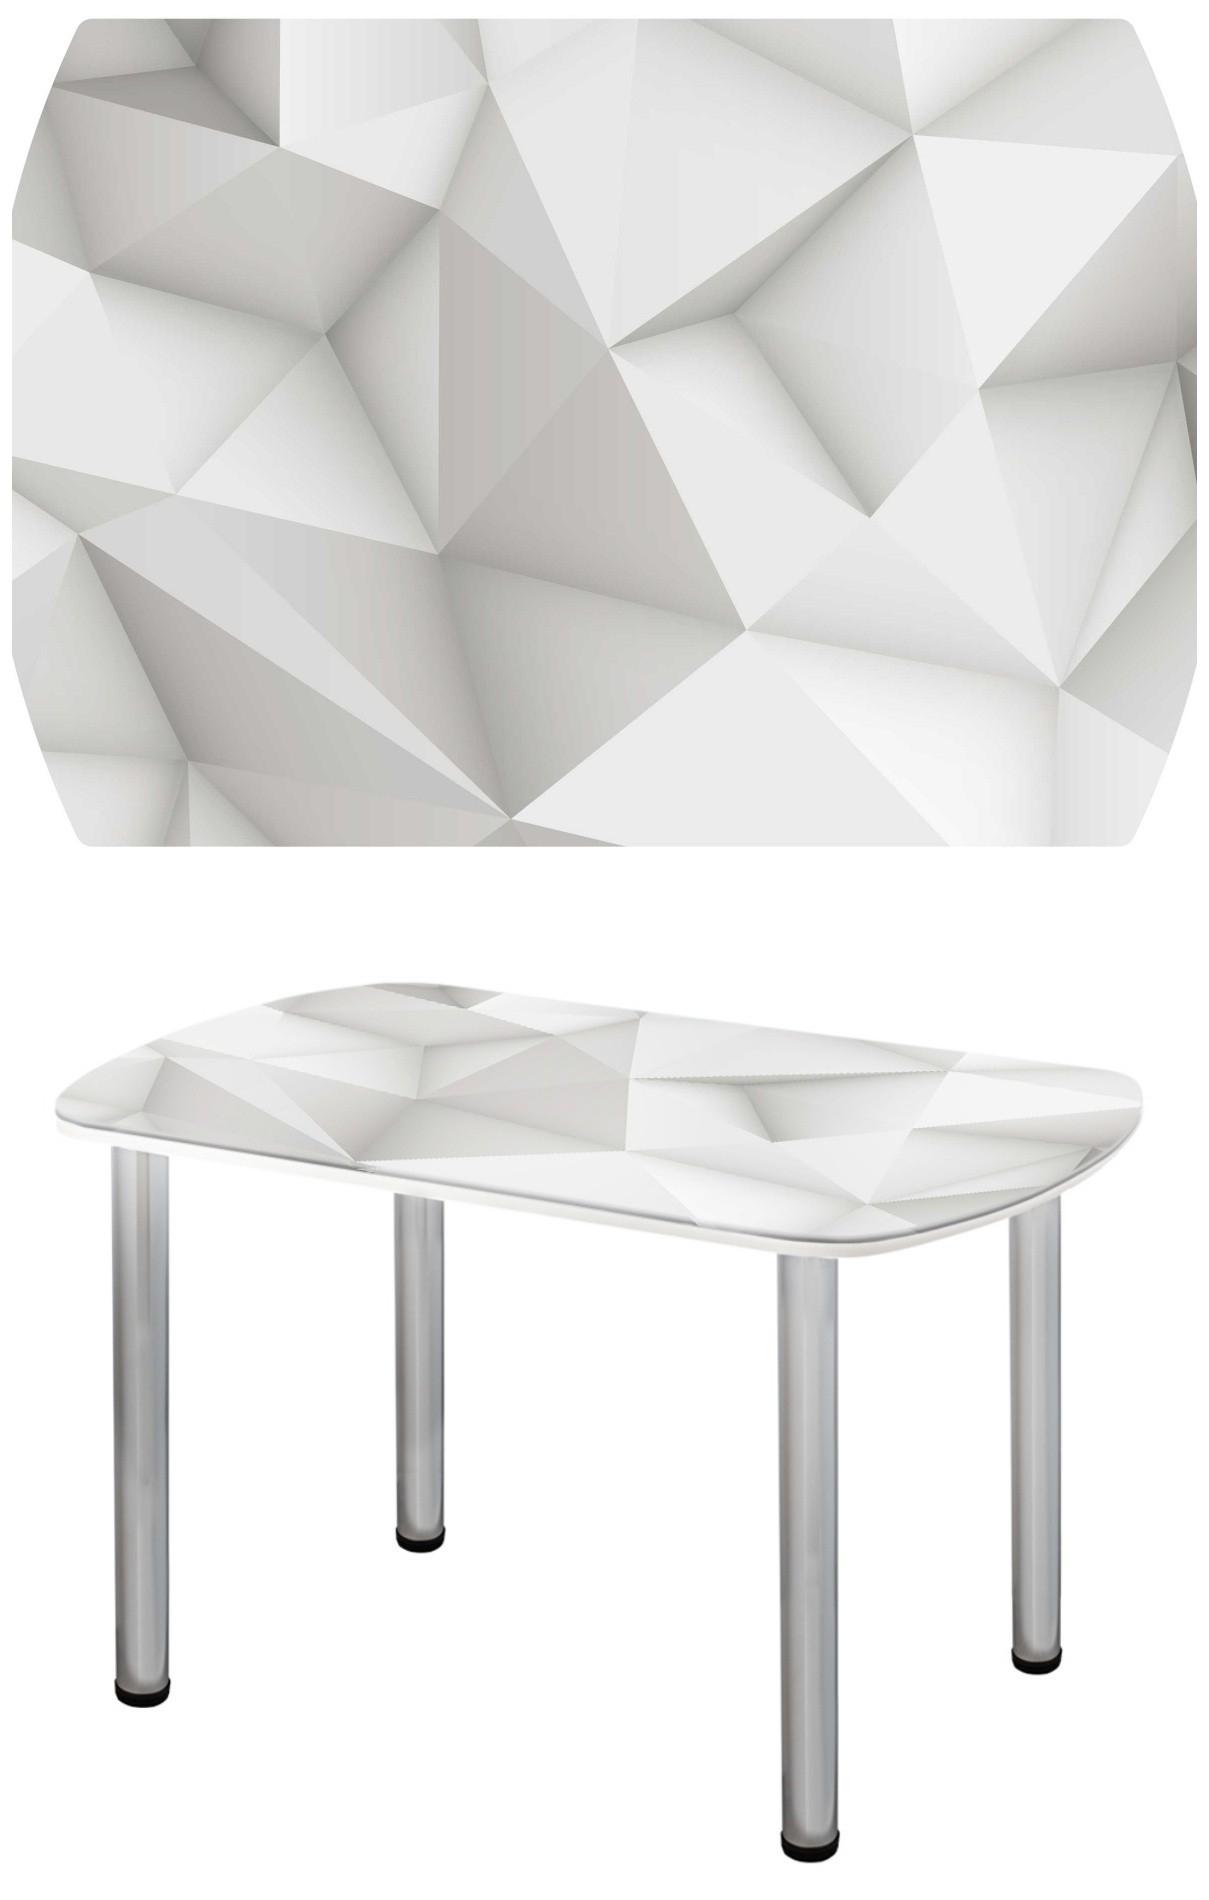 Прямоугольный стеклянный стол с фигурами СО-Д-03-13